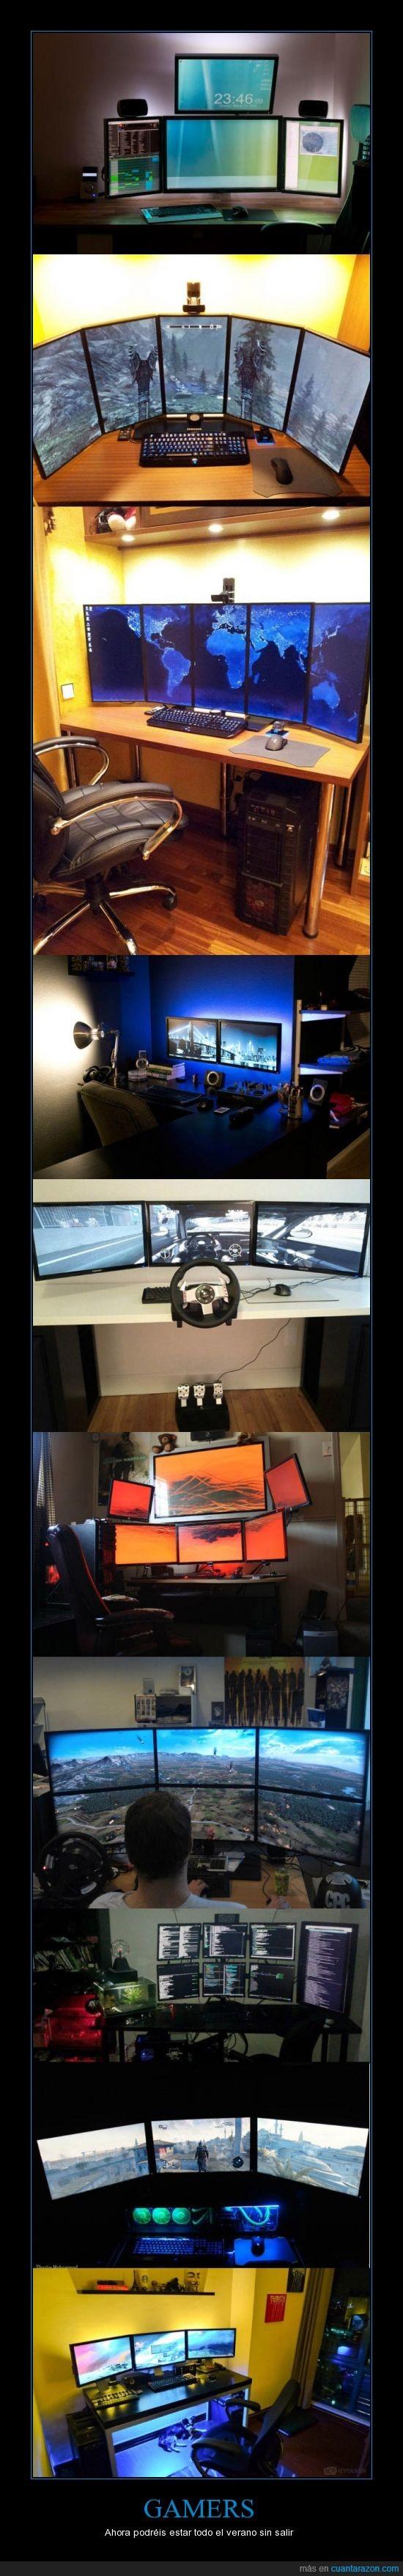 friki,gamer,multiples,pantallas,verano,vida social